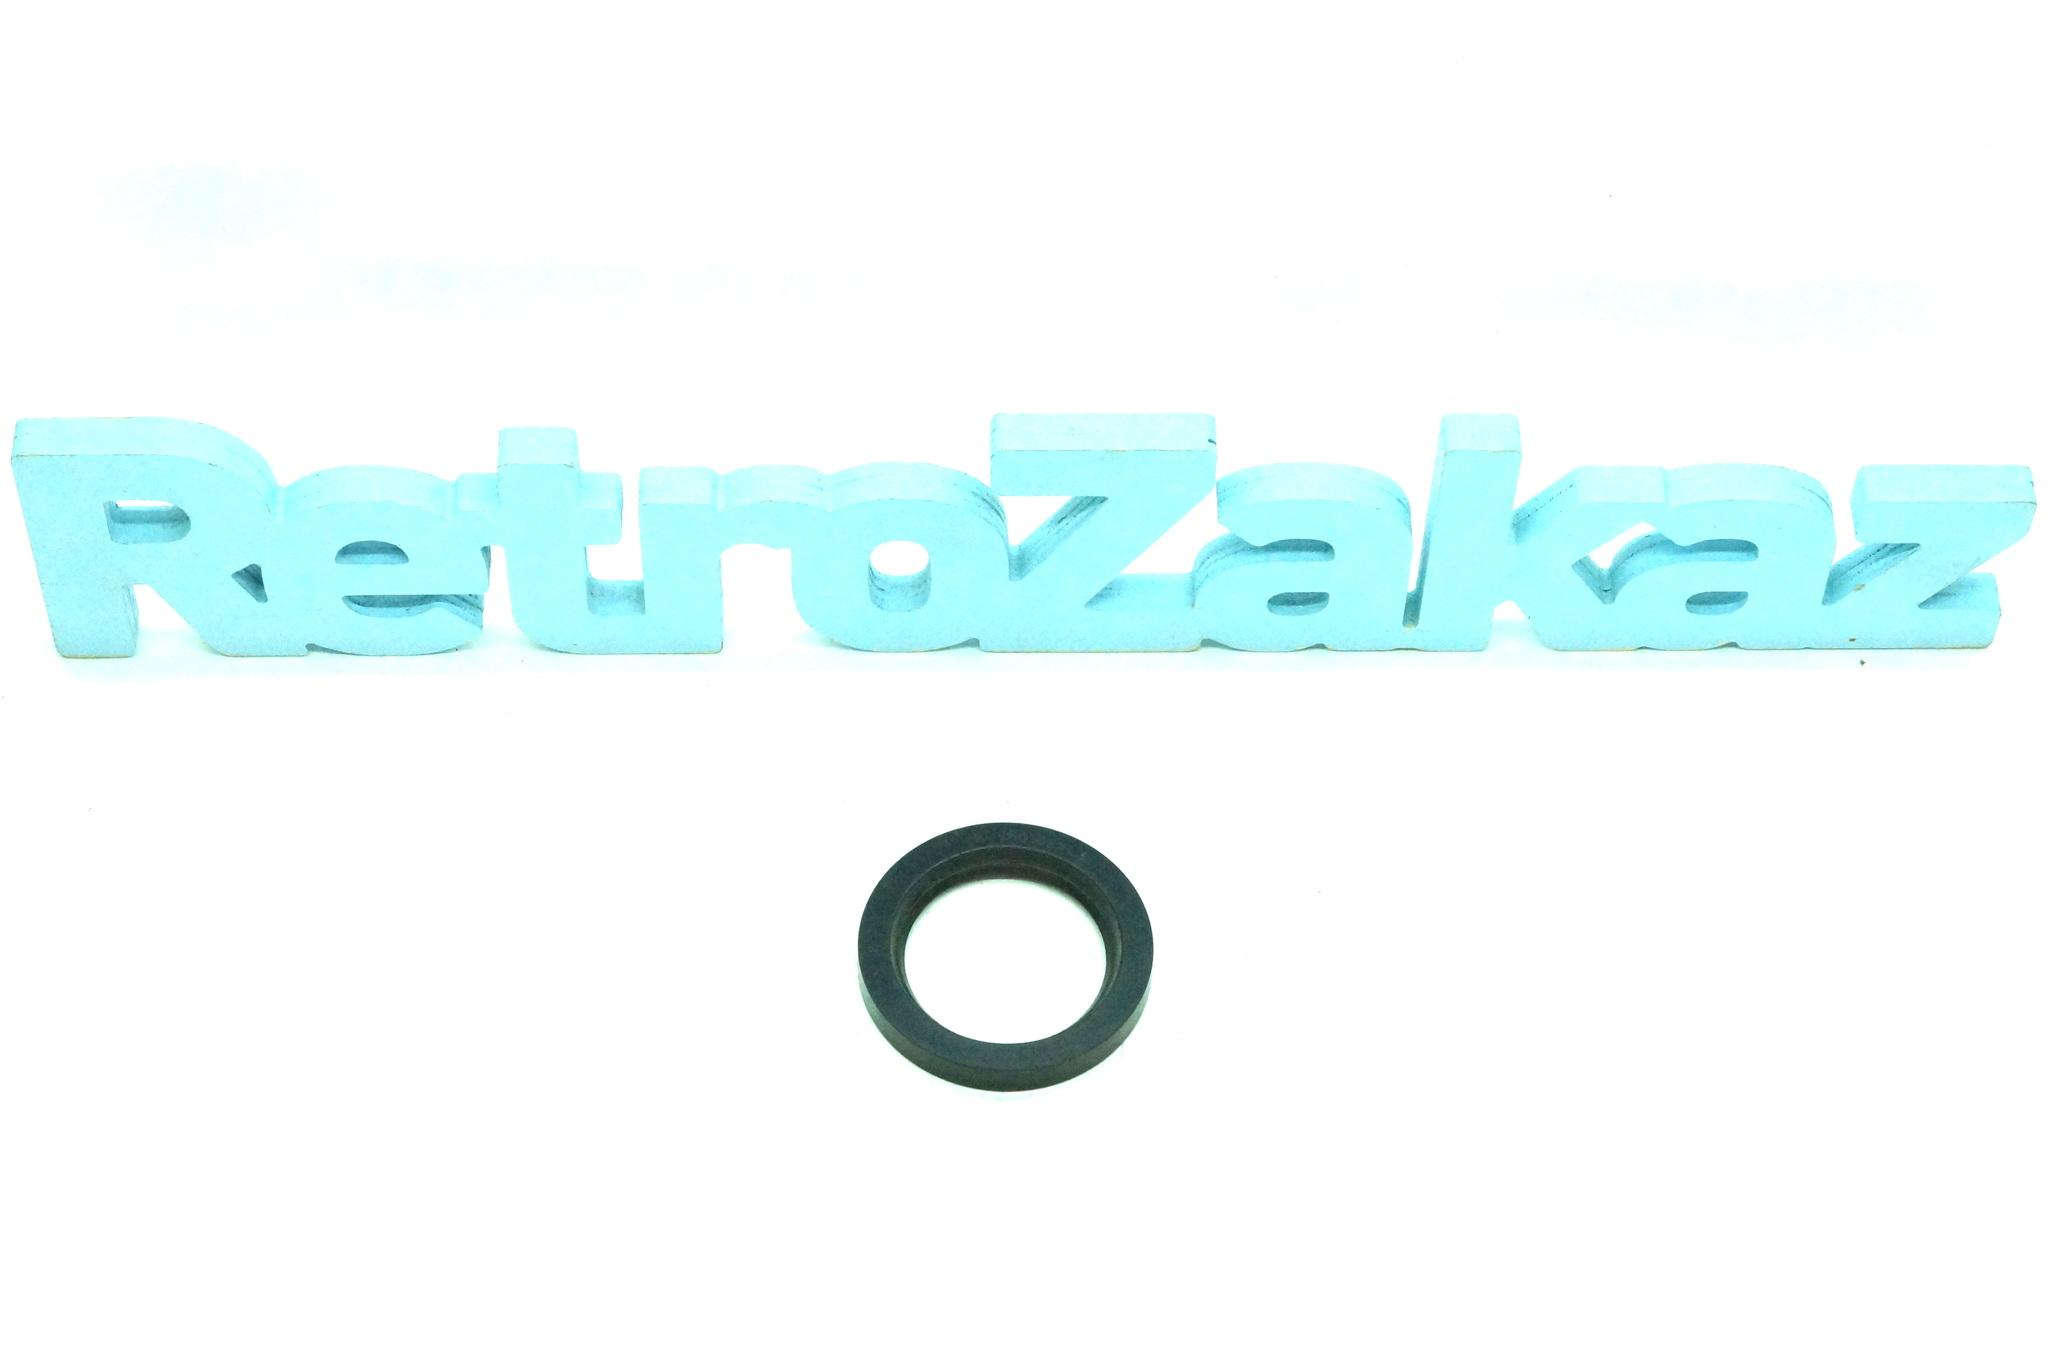 Сальник передней ступицы ГАЗ 12, 14, 21, 22, 24, 2410, 3102, 31029, 3110